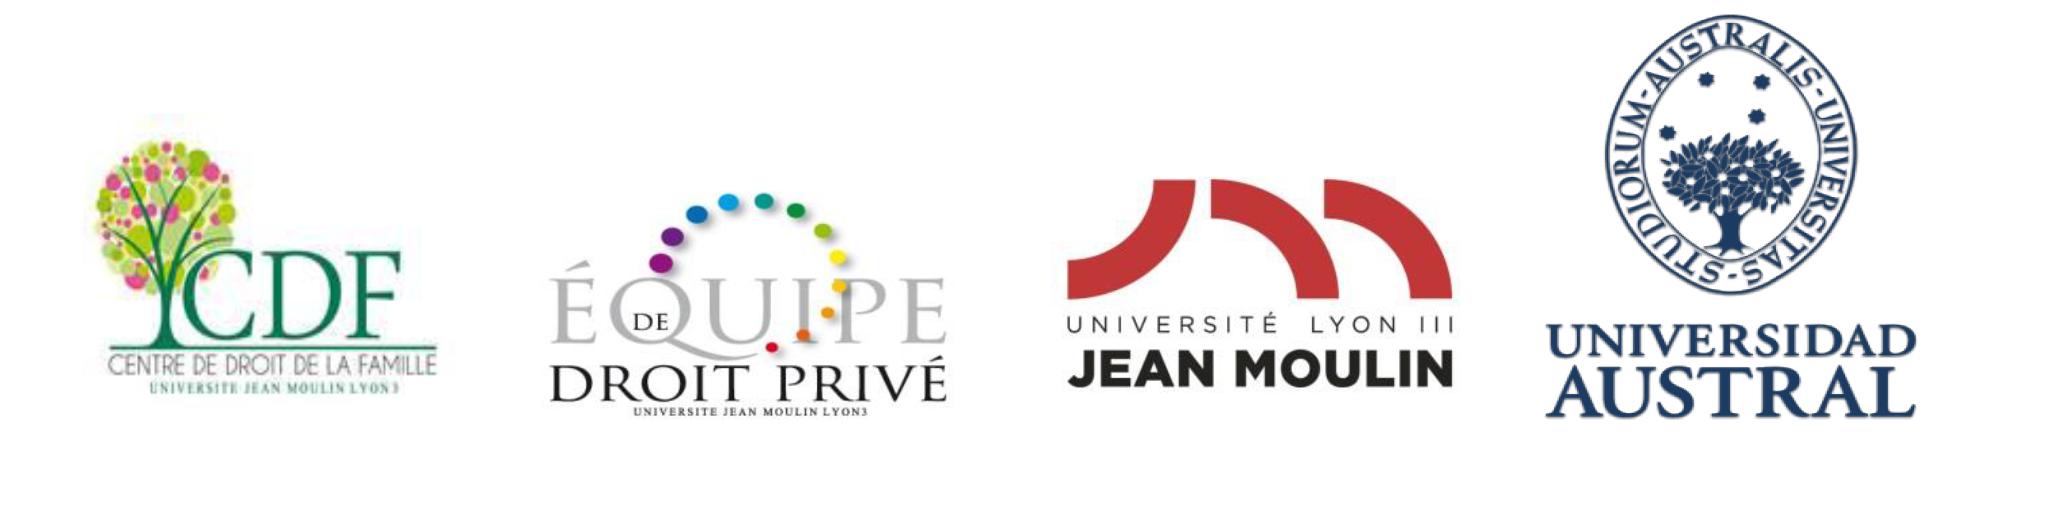 logos 16 fevrier